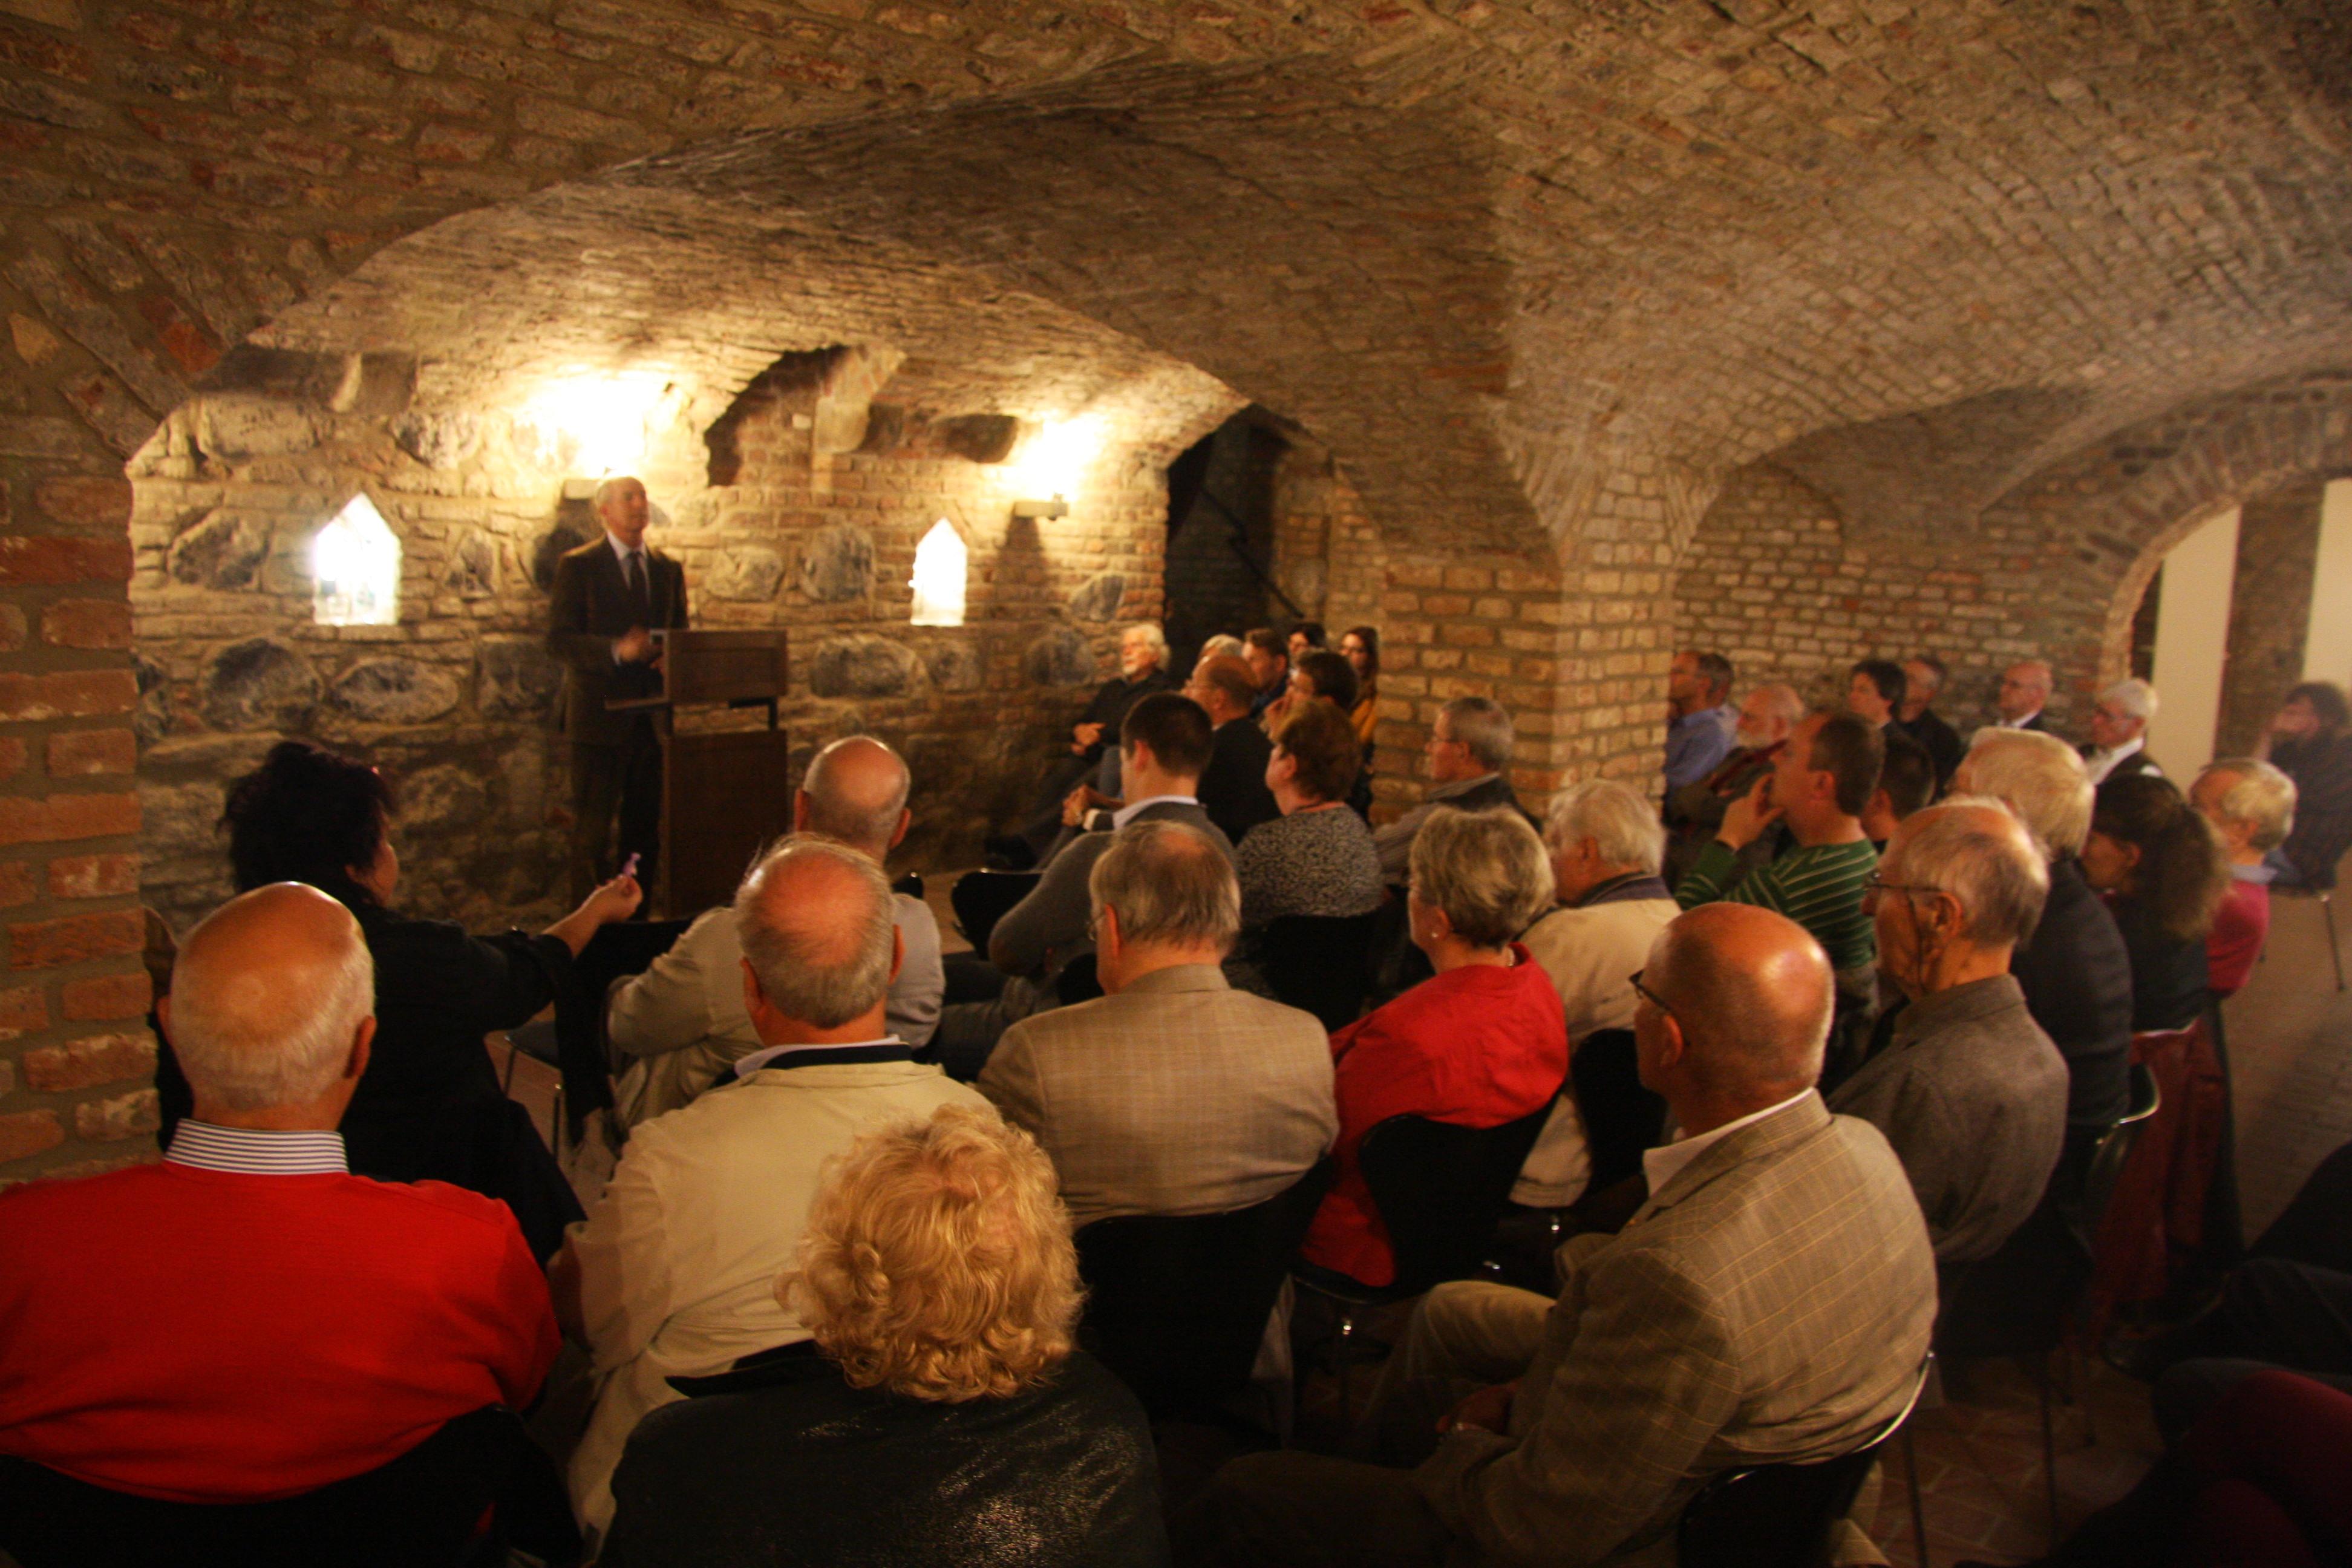 Geschichte im Gewölbekeller unter der Nordhalle von Burg Friedestrom in Dormagen-Zons. (Foto: Rhein-Kreis Neuss)